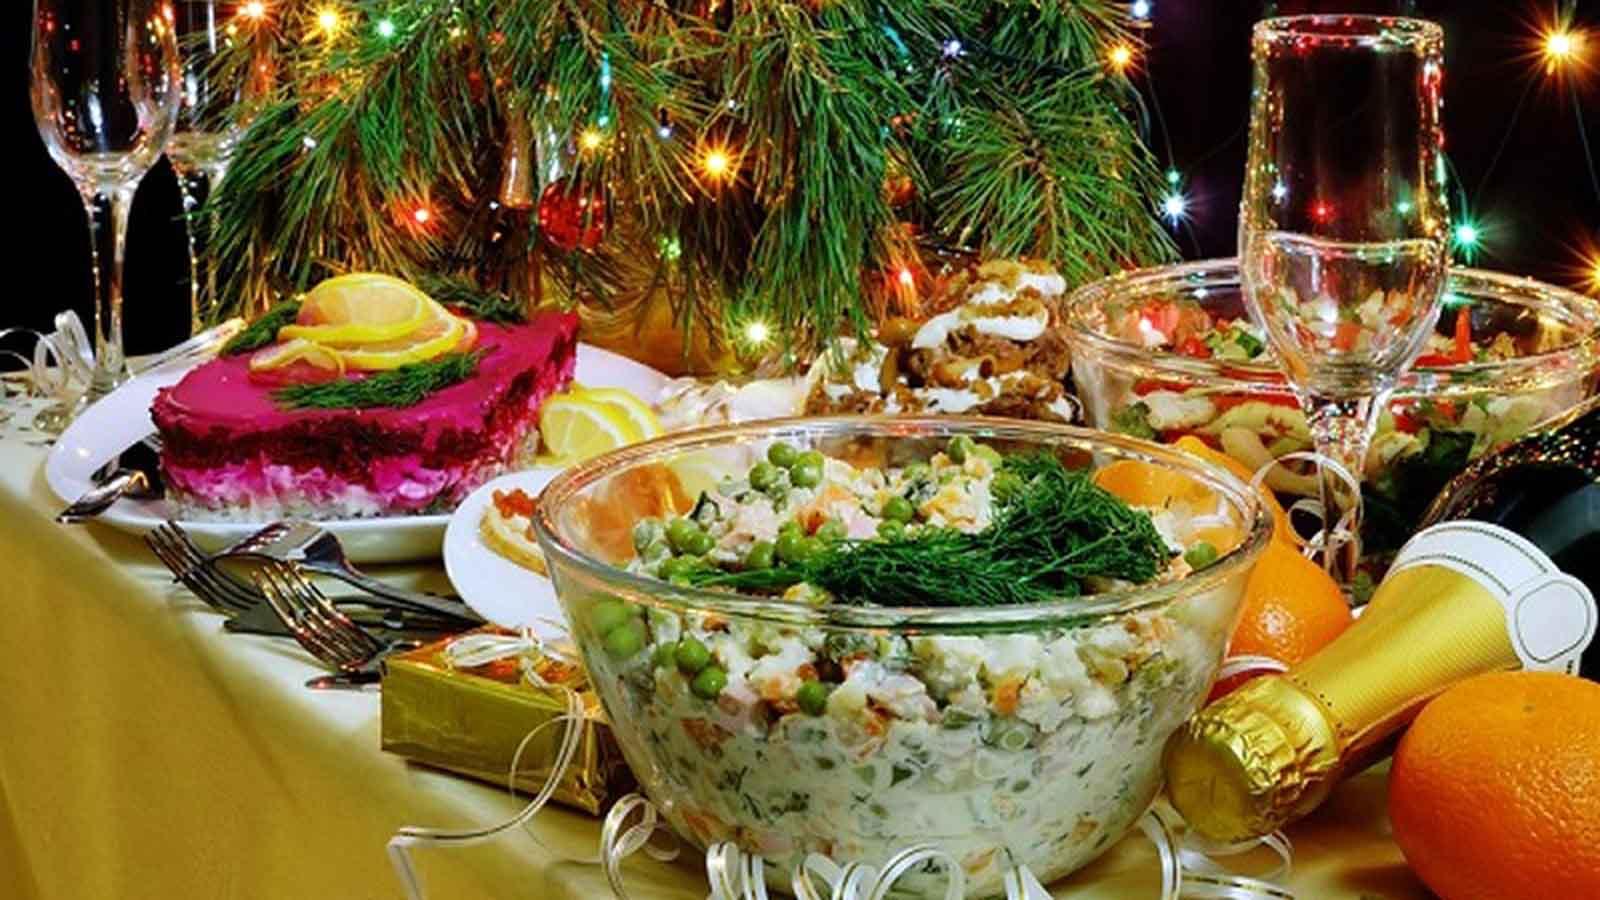 какие блюда готовить на новый год 2019 год свиньи